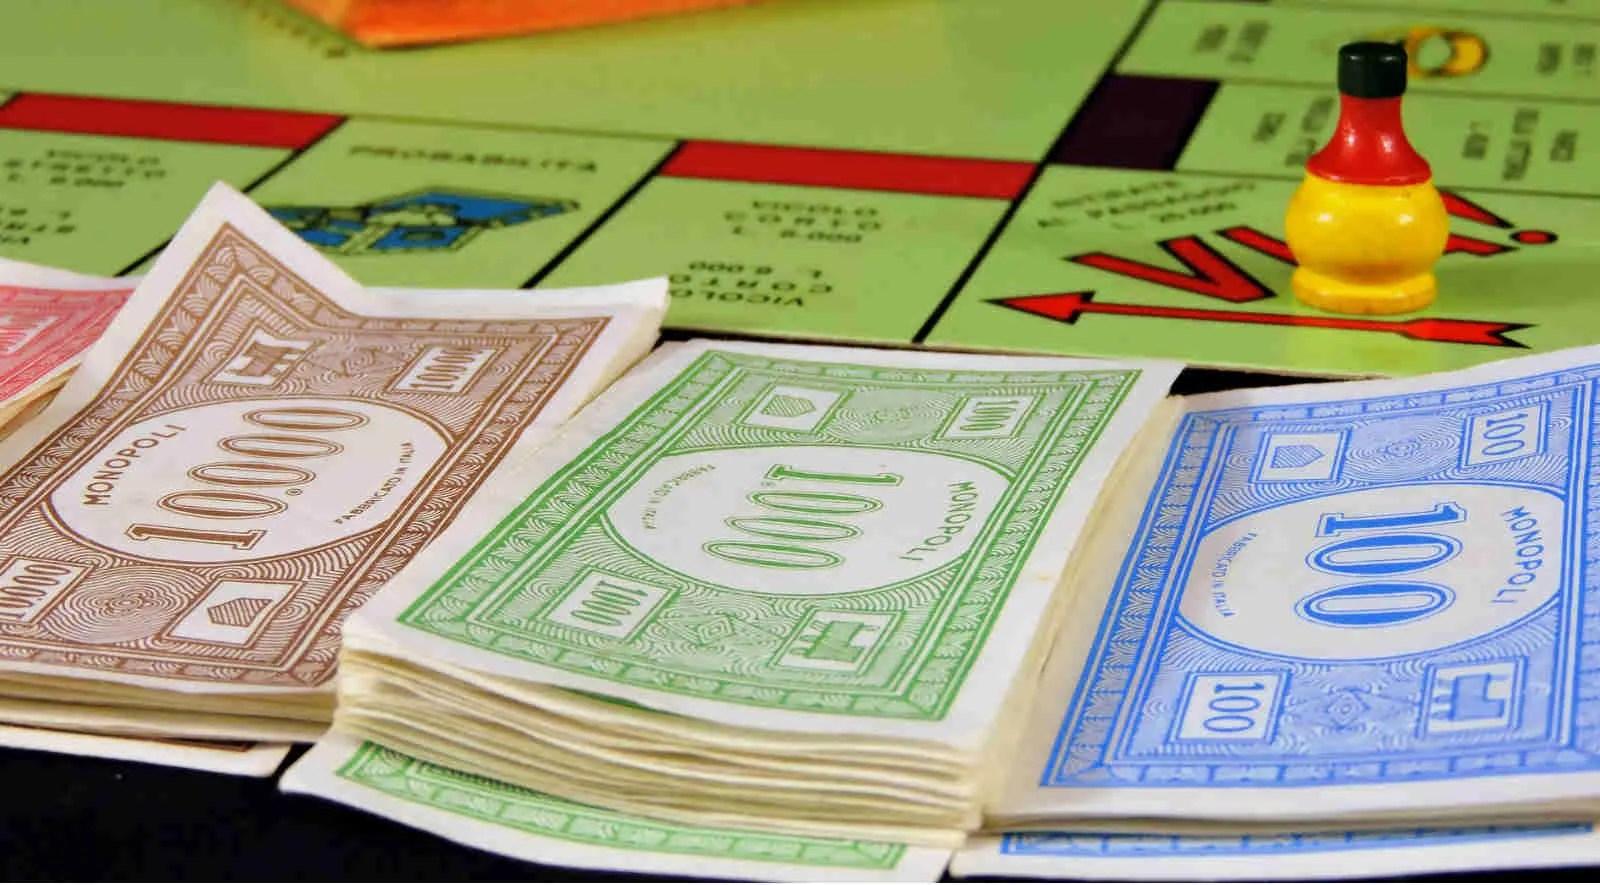 Freemium Cash: Make Big Money from Free!